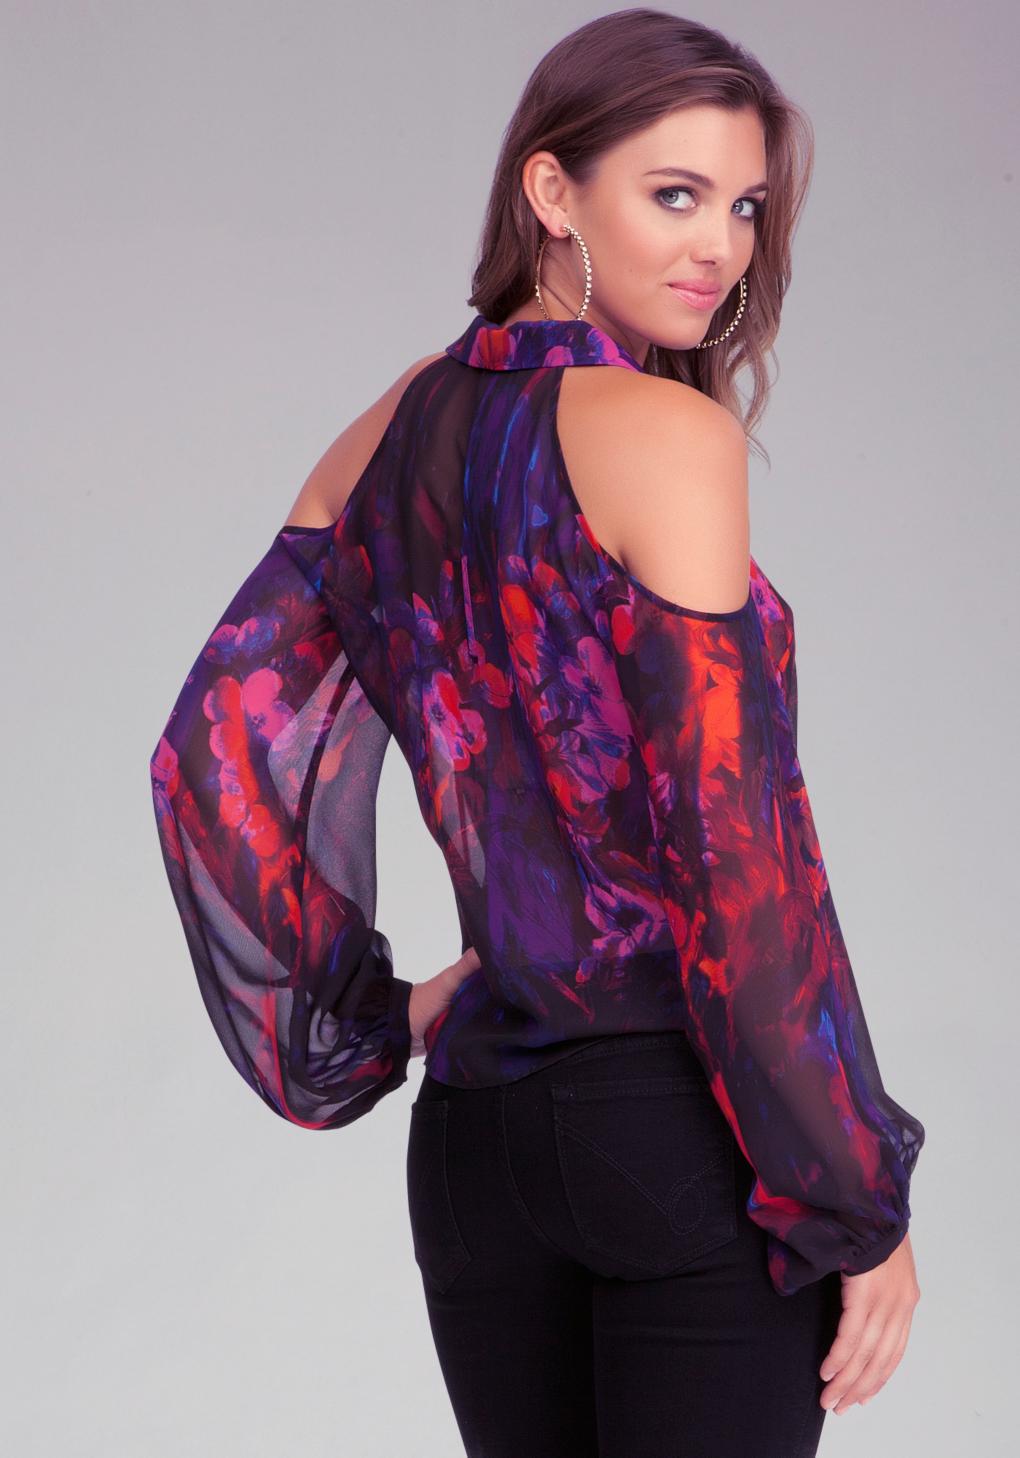 Bebe Cold Shoulder Blouse in Purple